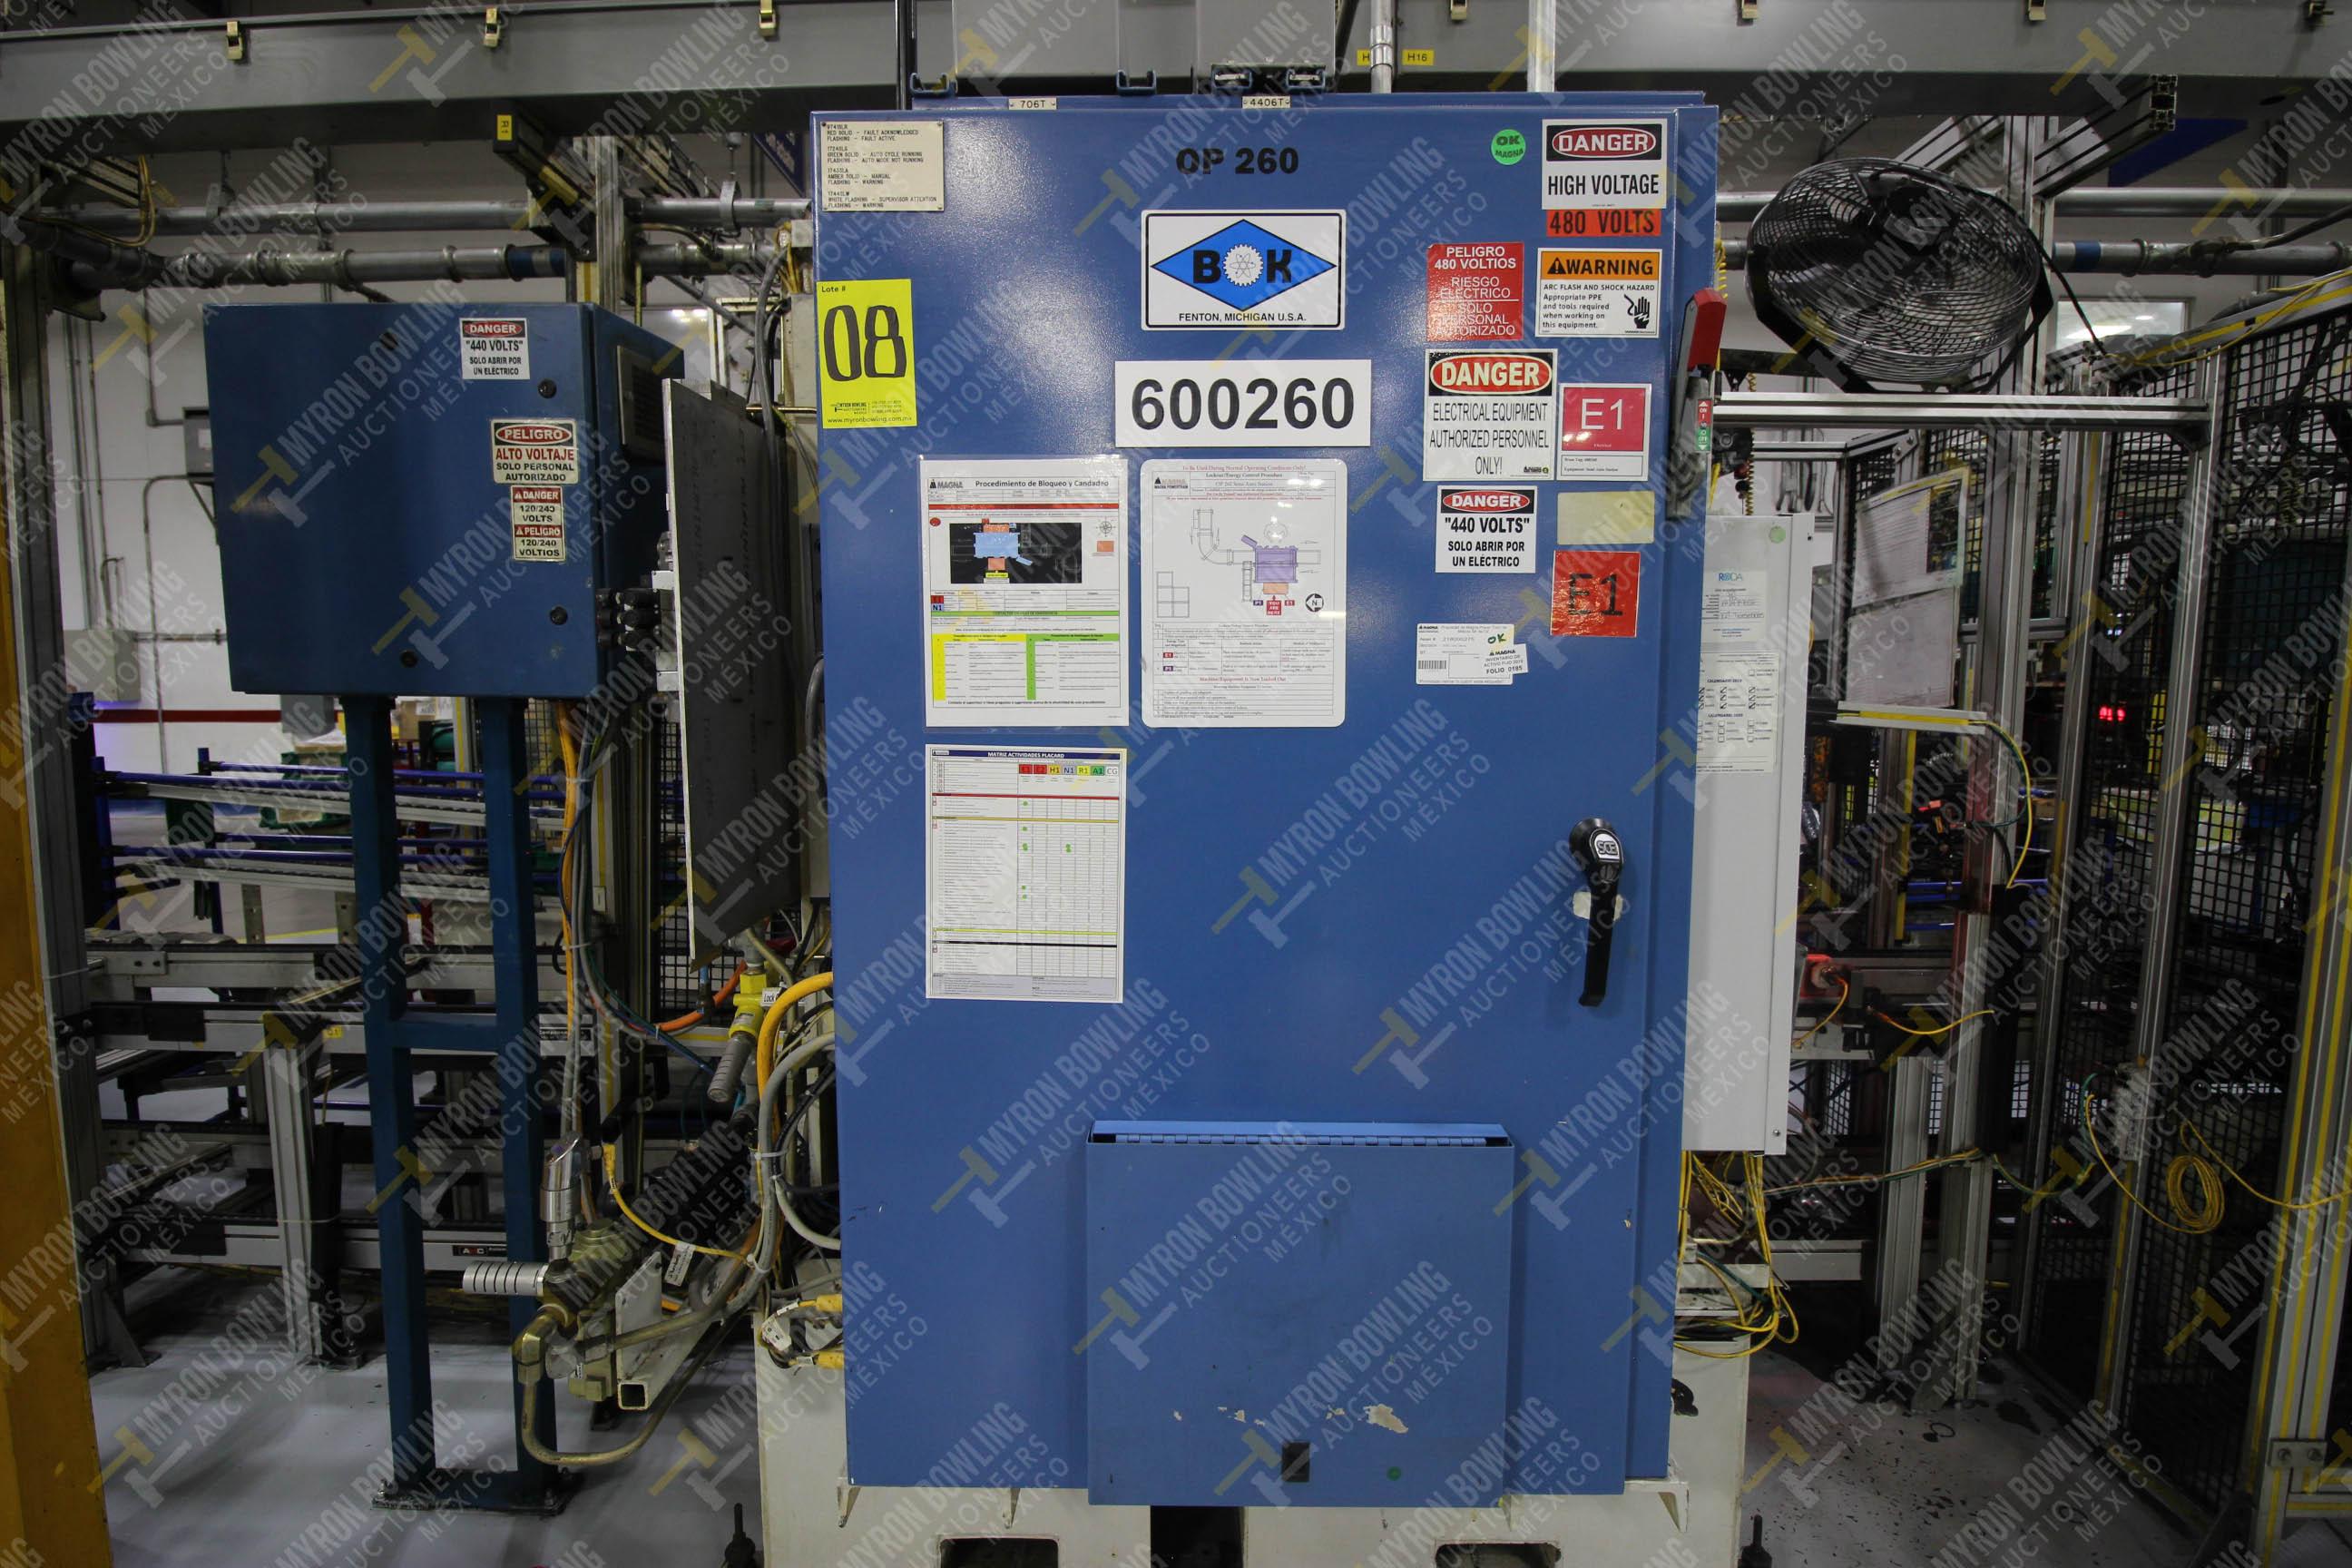 Estación semiautomática para operación 260 de ensamble - Image 7 of 20